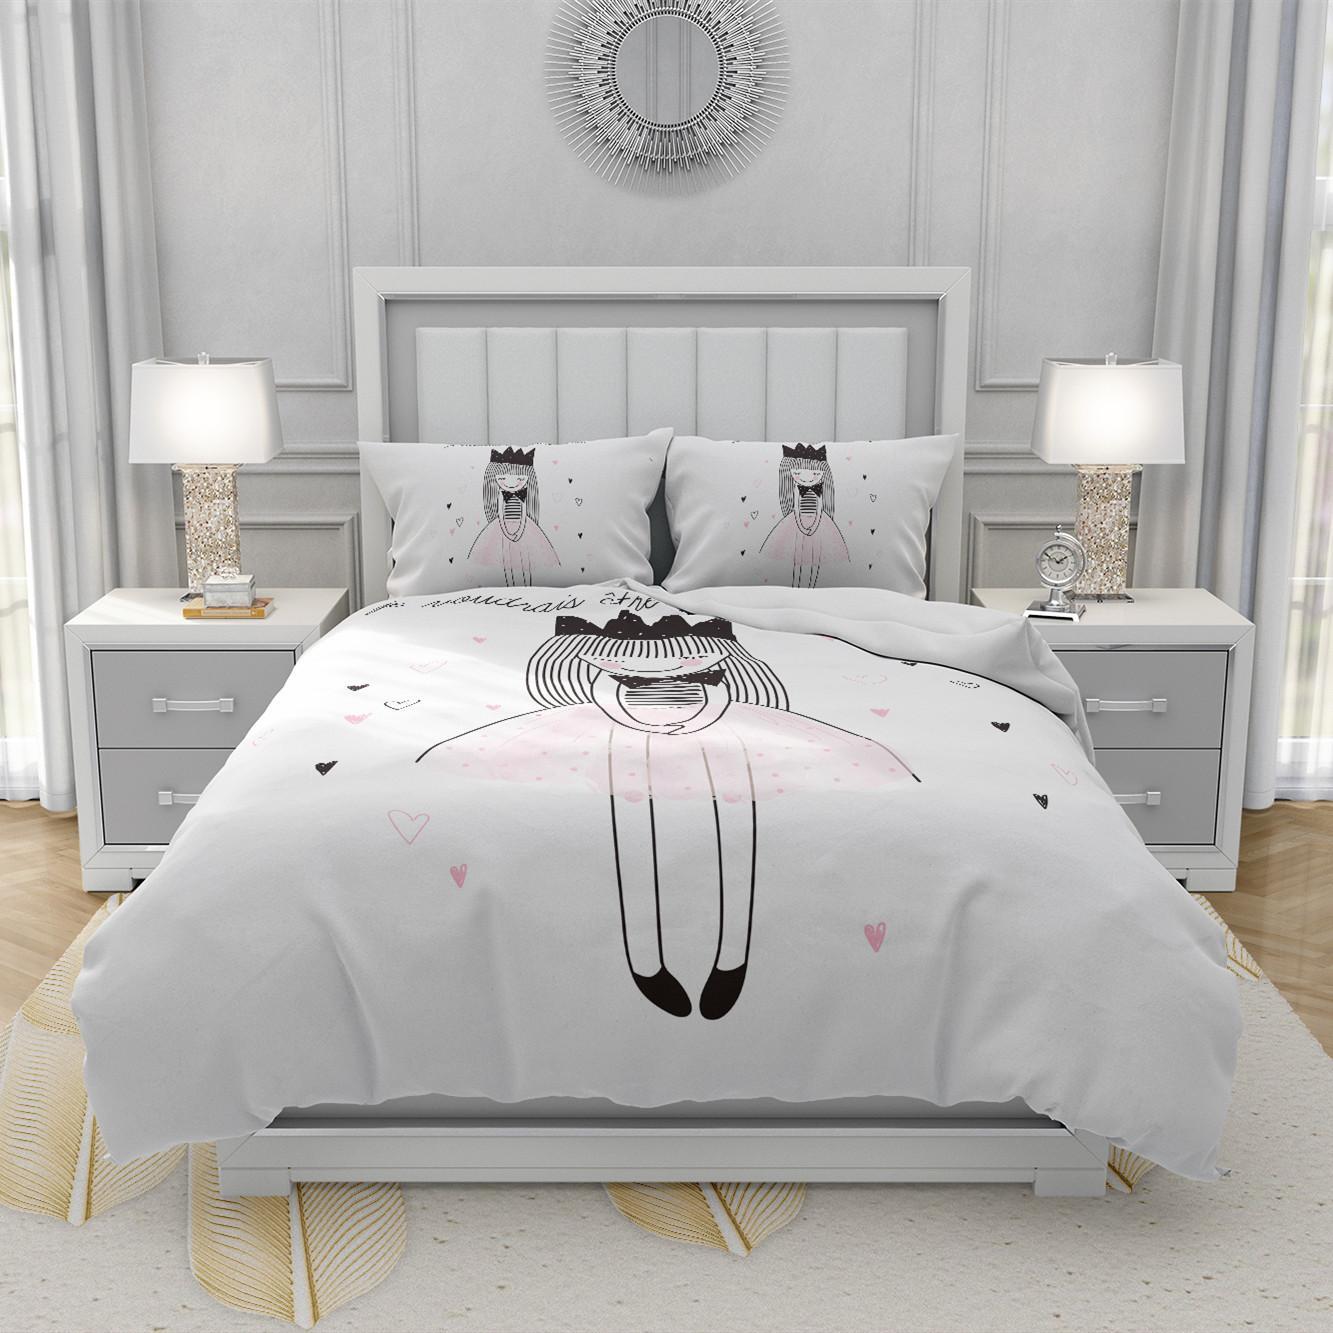 Nordic мультфильм принцесса белый пододеяльник набор девушек простые милые дети постельное белье односпальная кровать льняная кровать крышка для детей мальчиков LJ201128